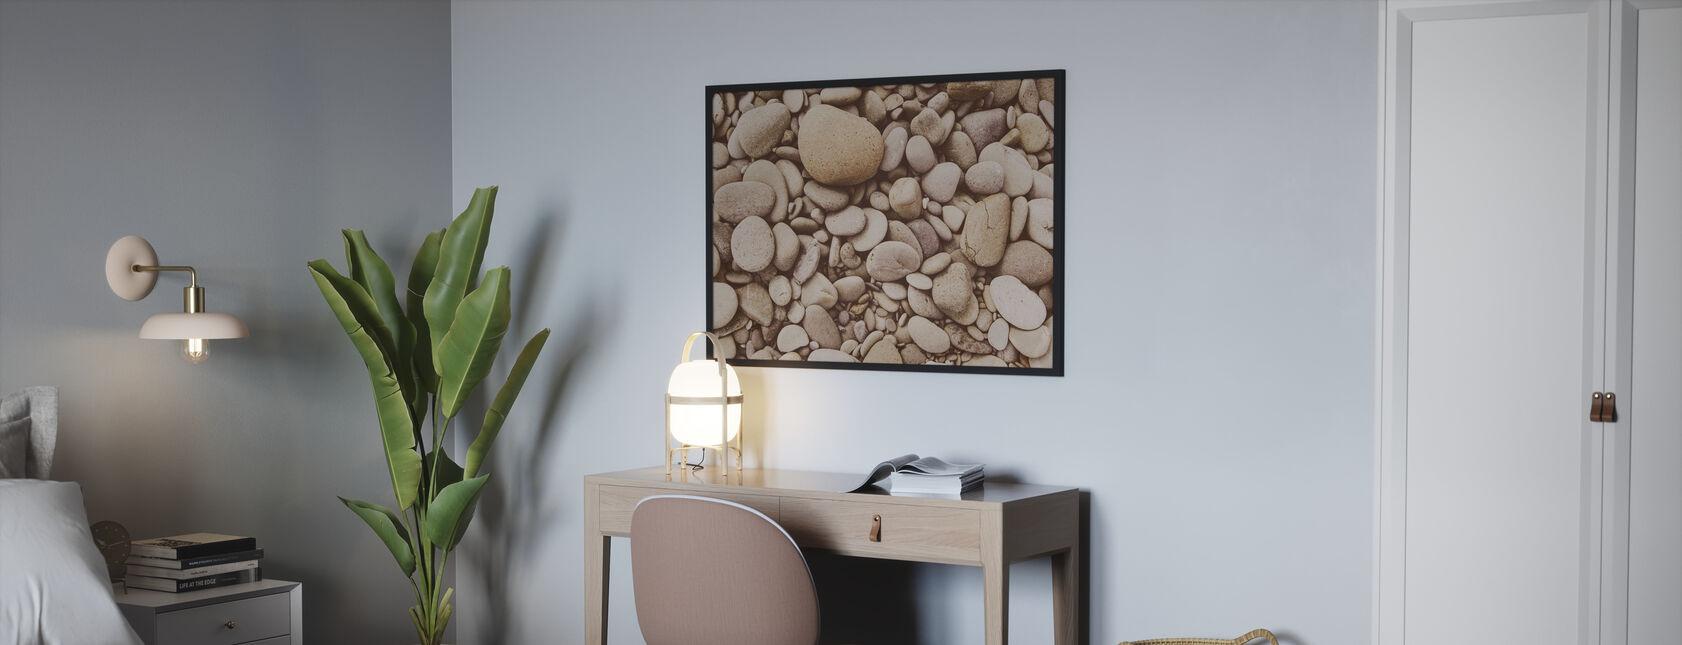 Gepolijst kiezelsteen - Poster - Slaapkamer